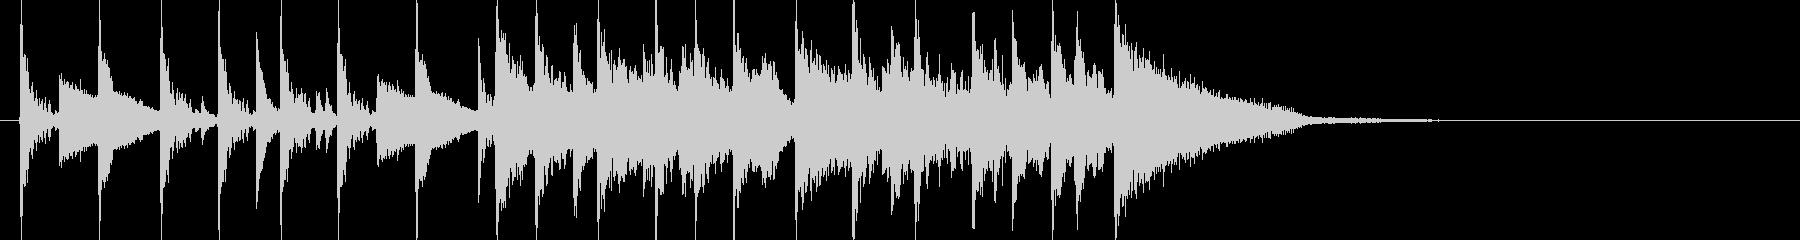 イントロ曲(ジャズピアノとドラム)の未再生の波形